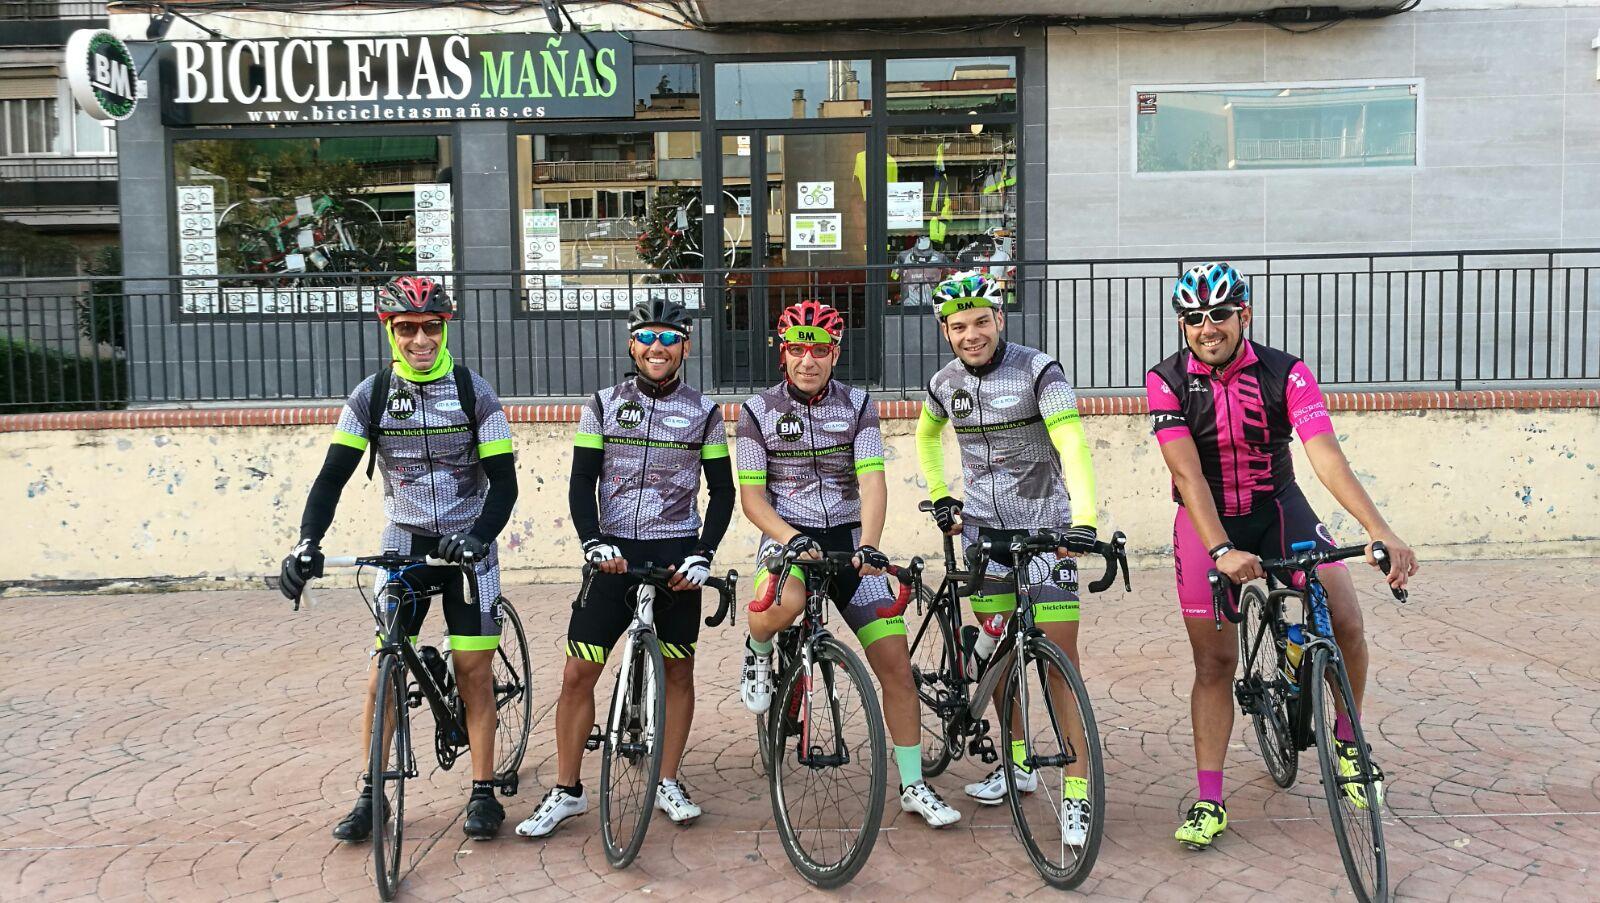 Grupeta_BM_Salida_La nueva_01_Biciletas Mañas BM-Tienda-de-venta-y-reparacion-de-bicicletas-Ridley-Madrid